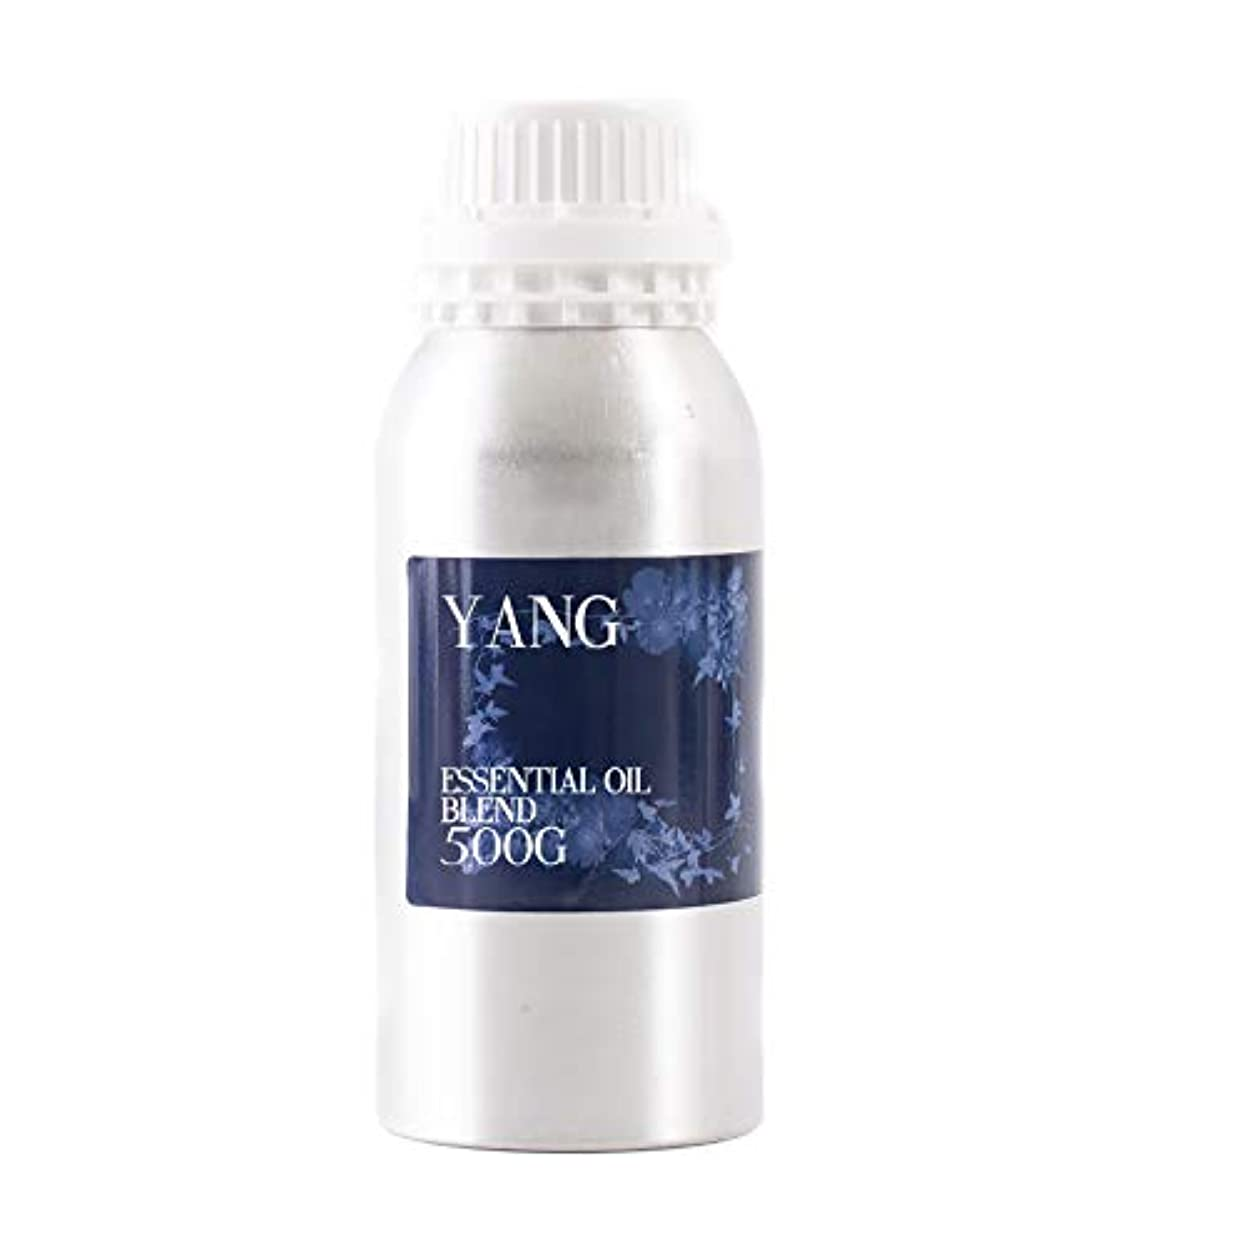 累積皿コピーMystix London | Yang Essential Oil Blend - 500g